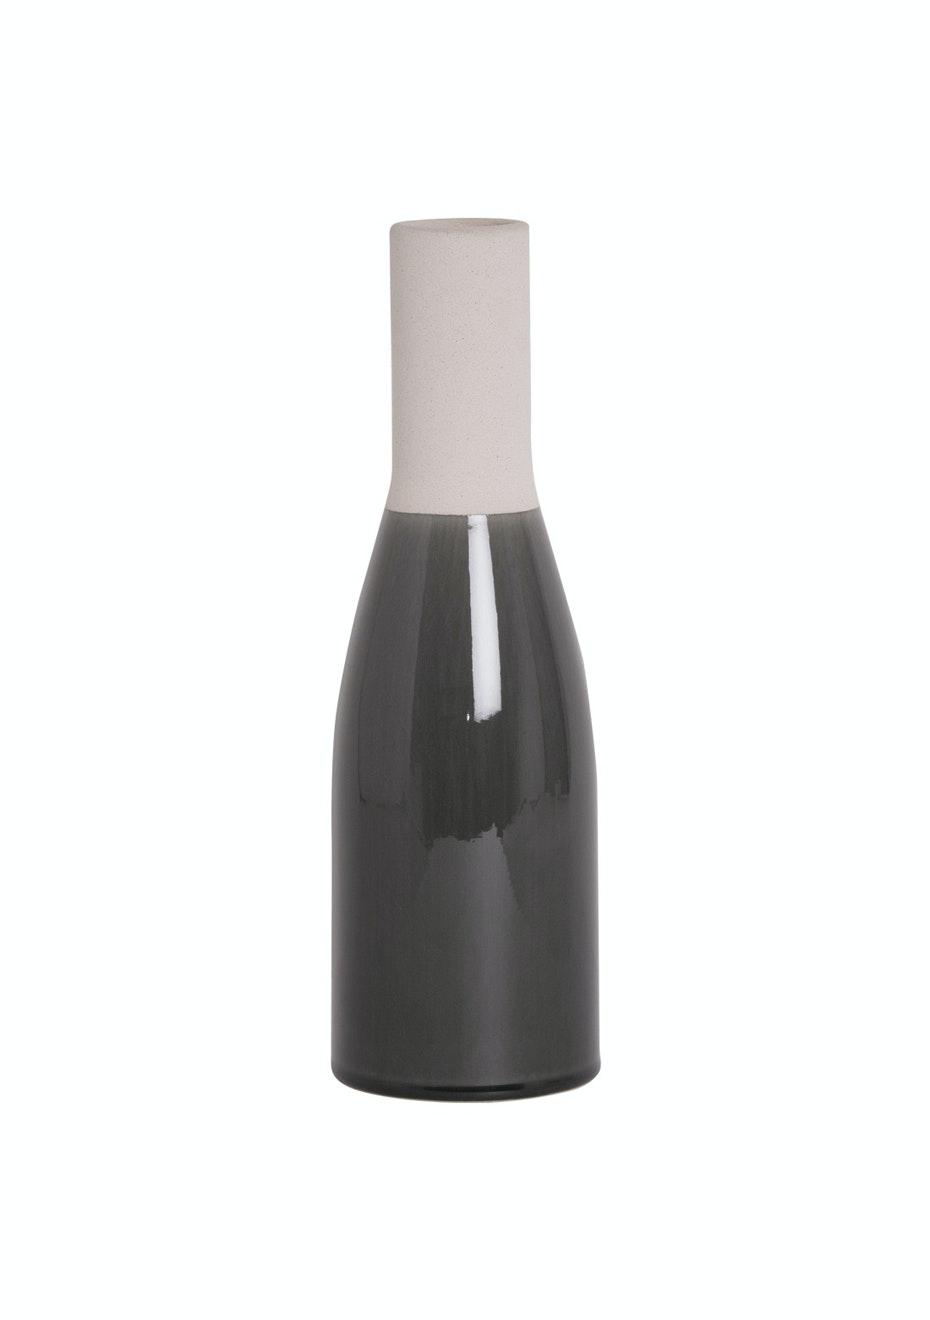 Jason - Two-Tone Ceramic Vase